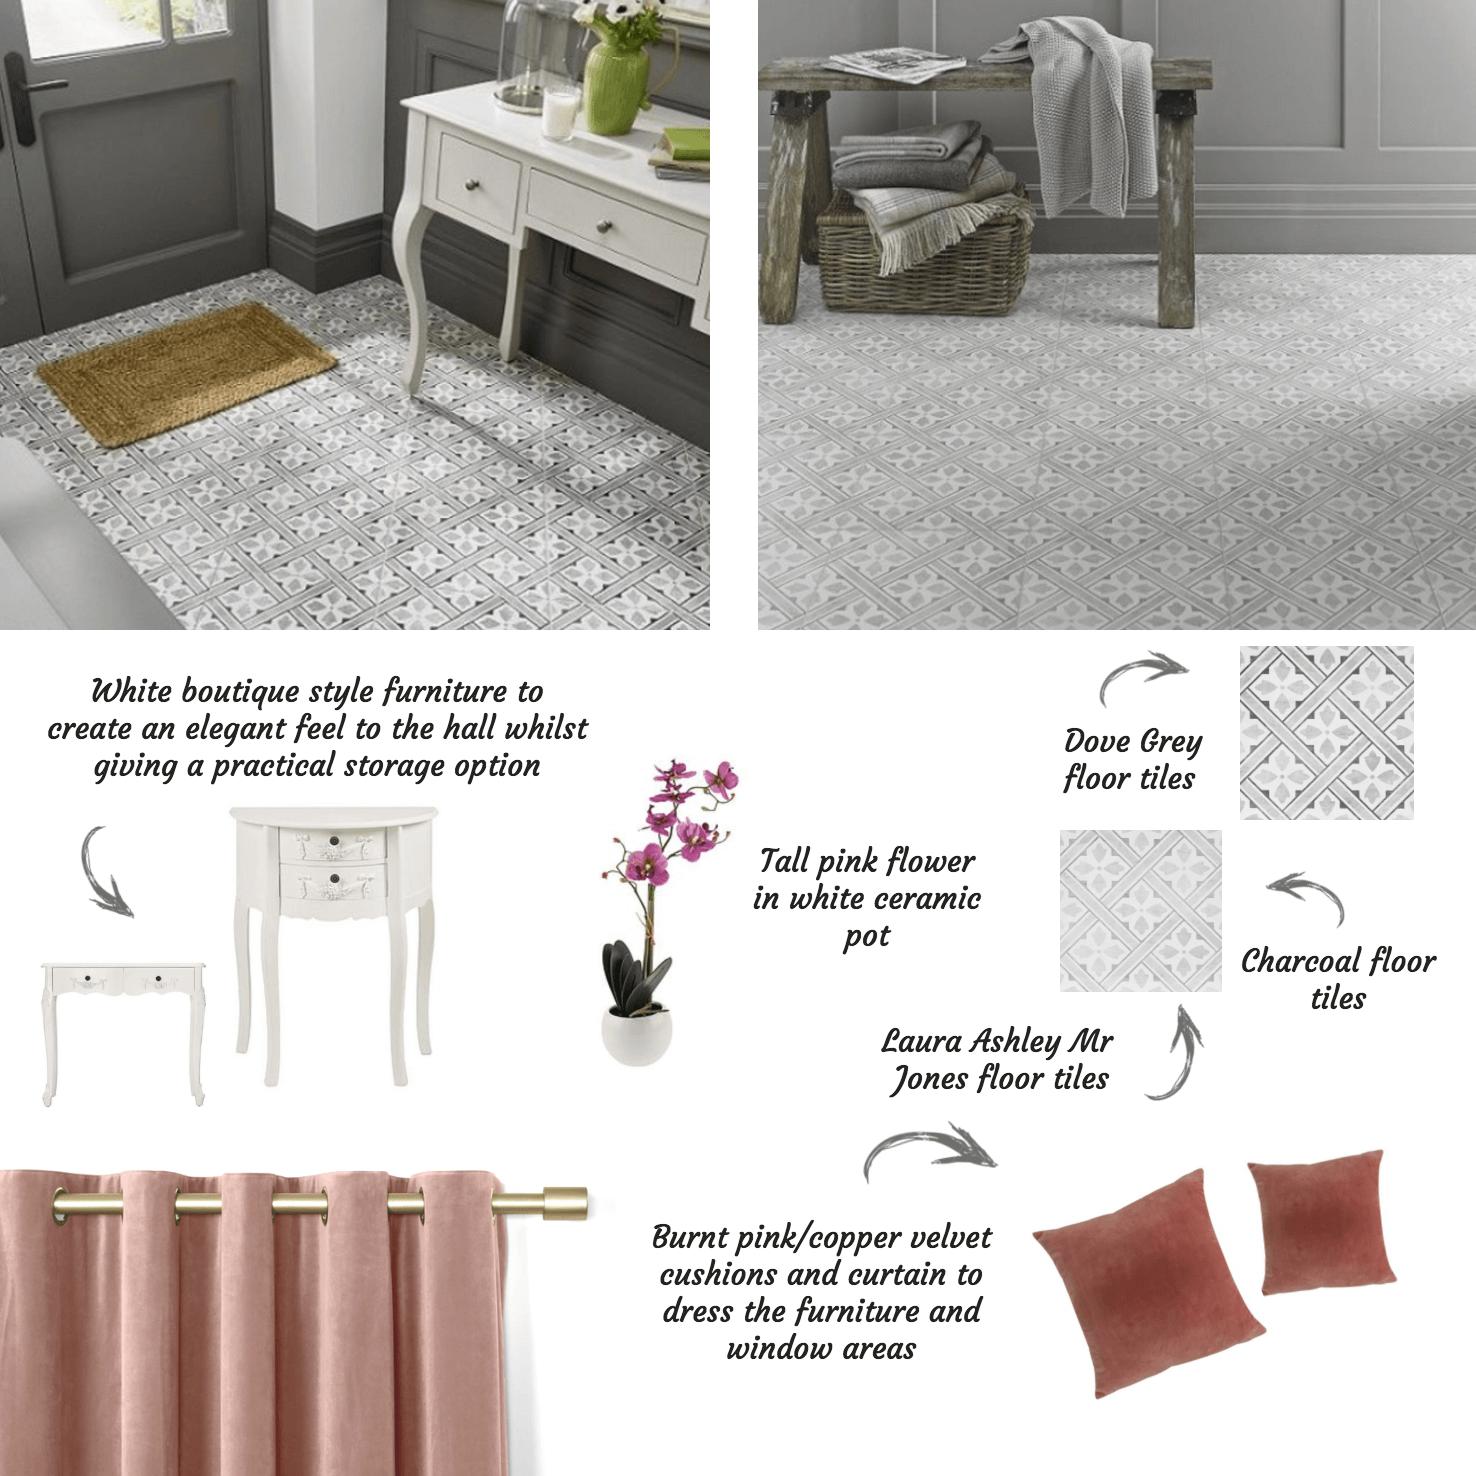 Laura Ashley Mr Jones Patterned Tiles